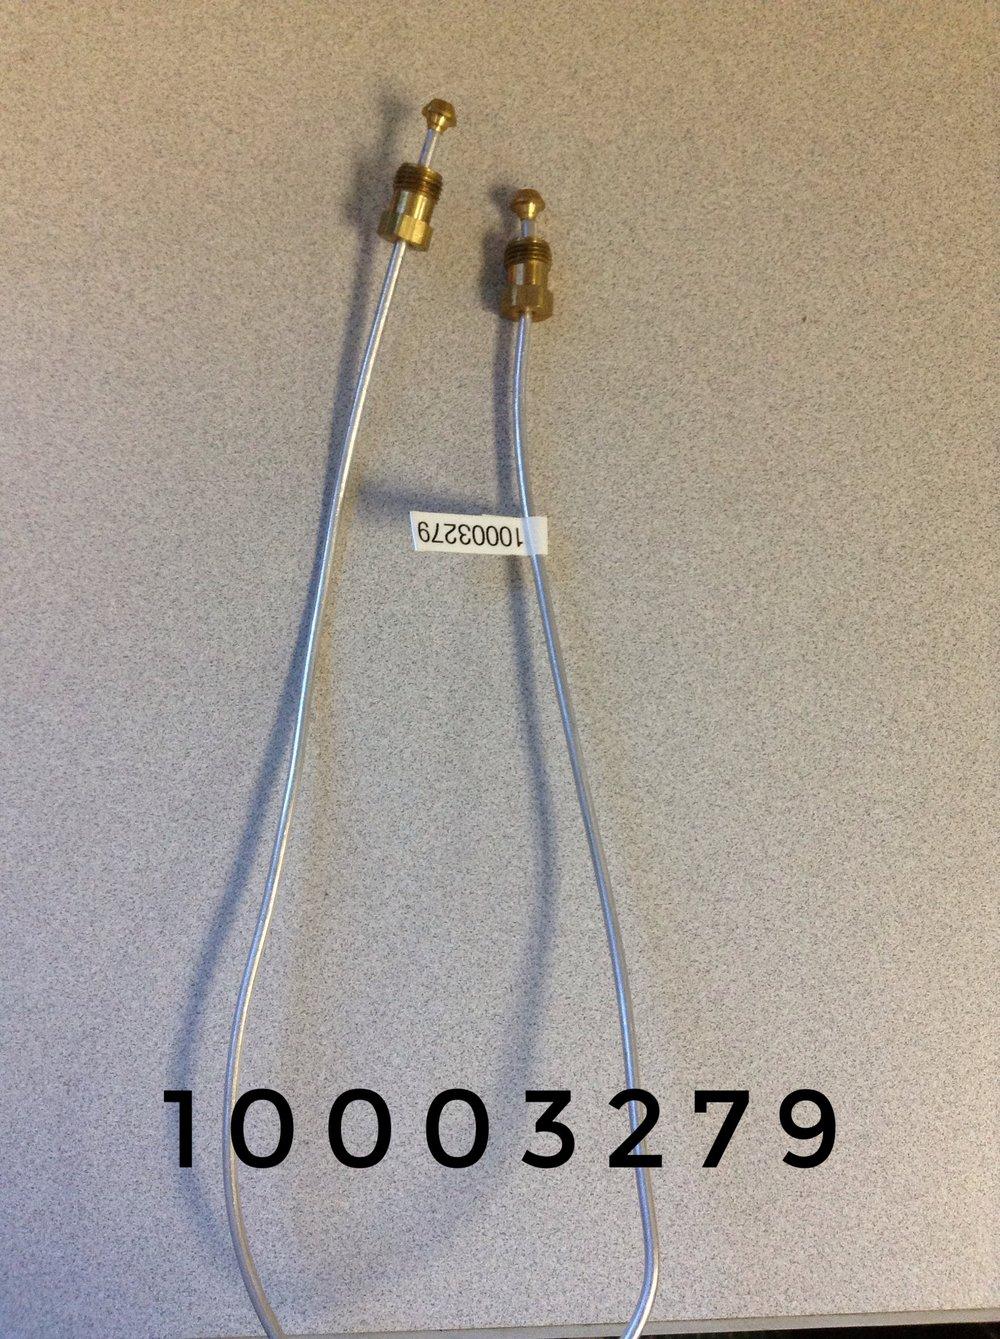 10003279.JPG